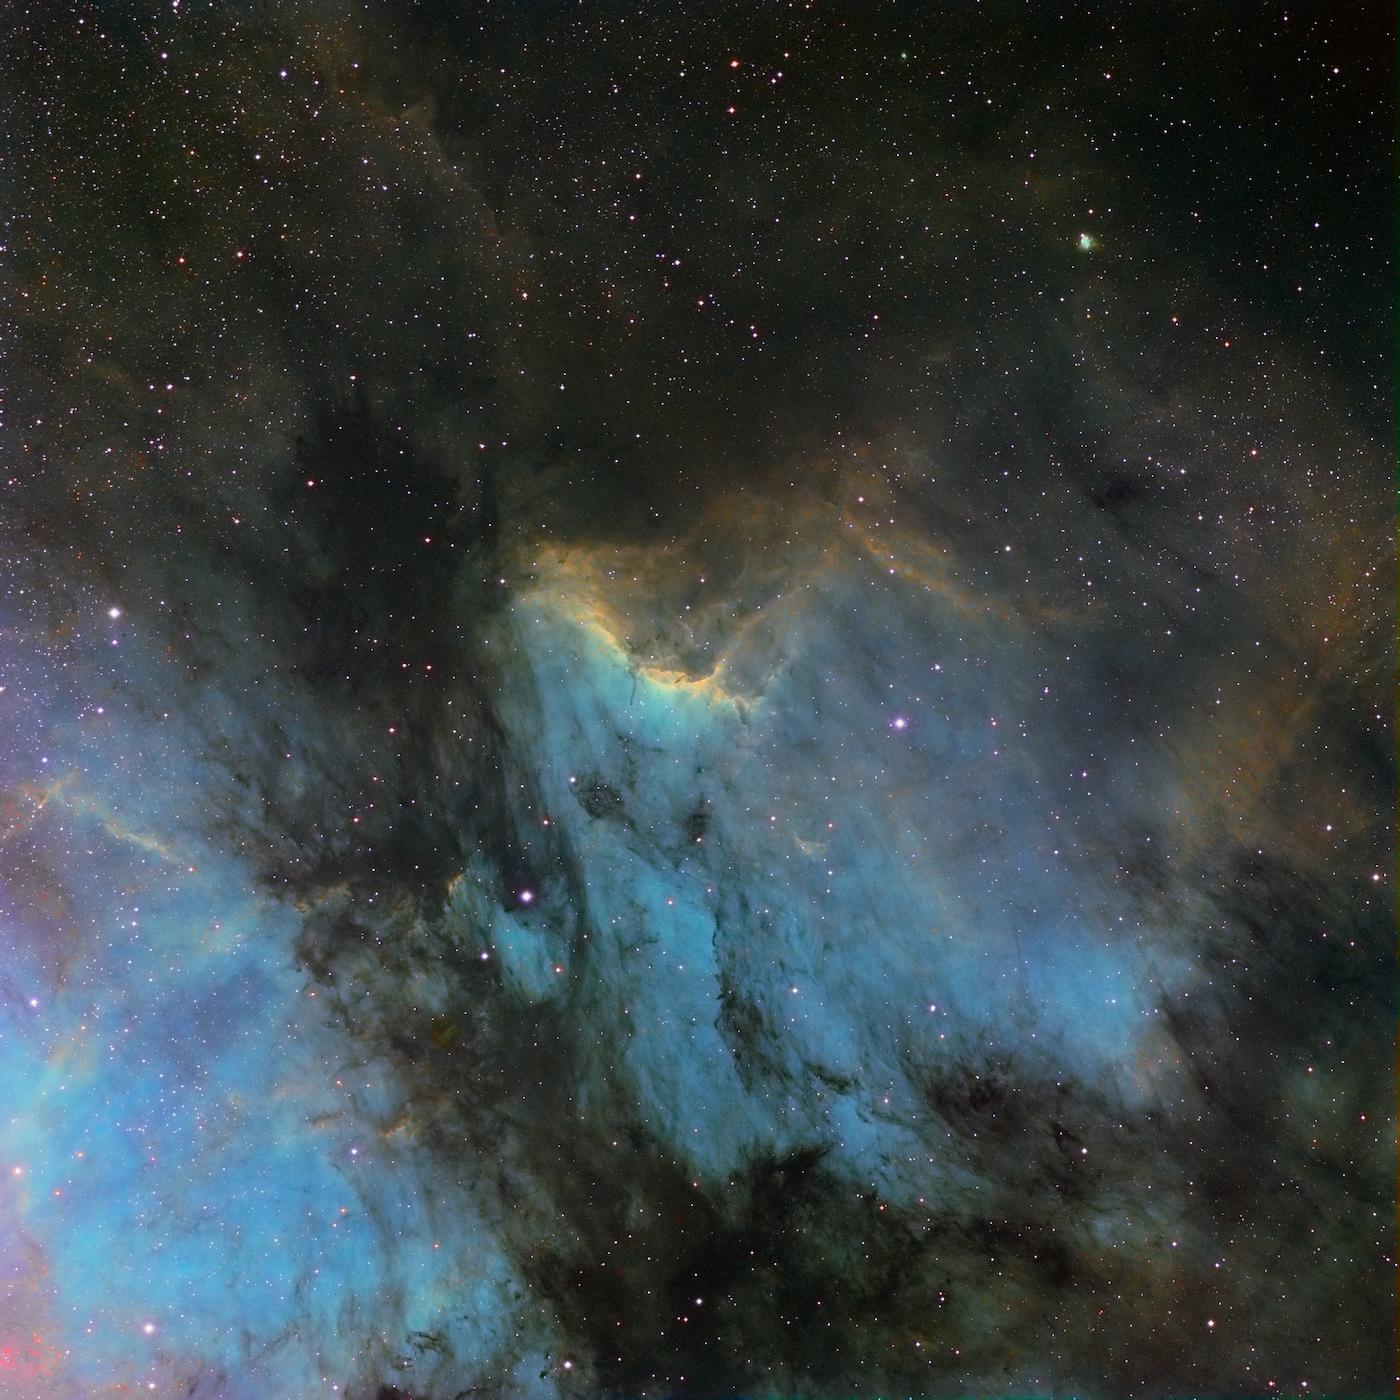 La nébuleuse du pélican IC5070